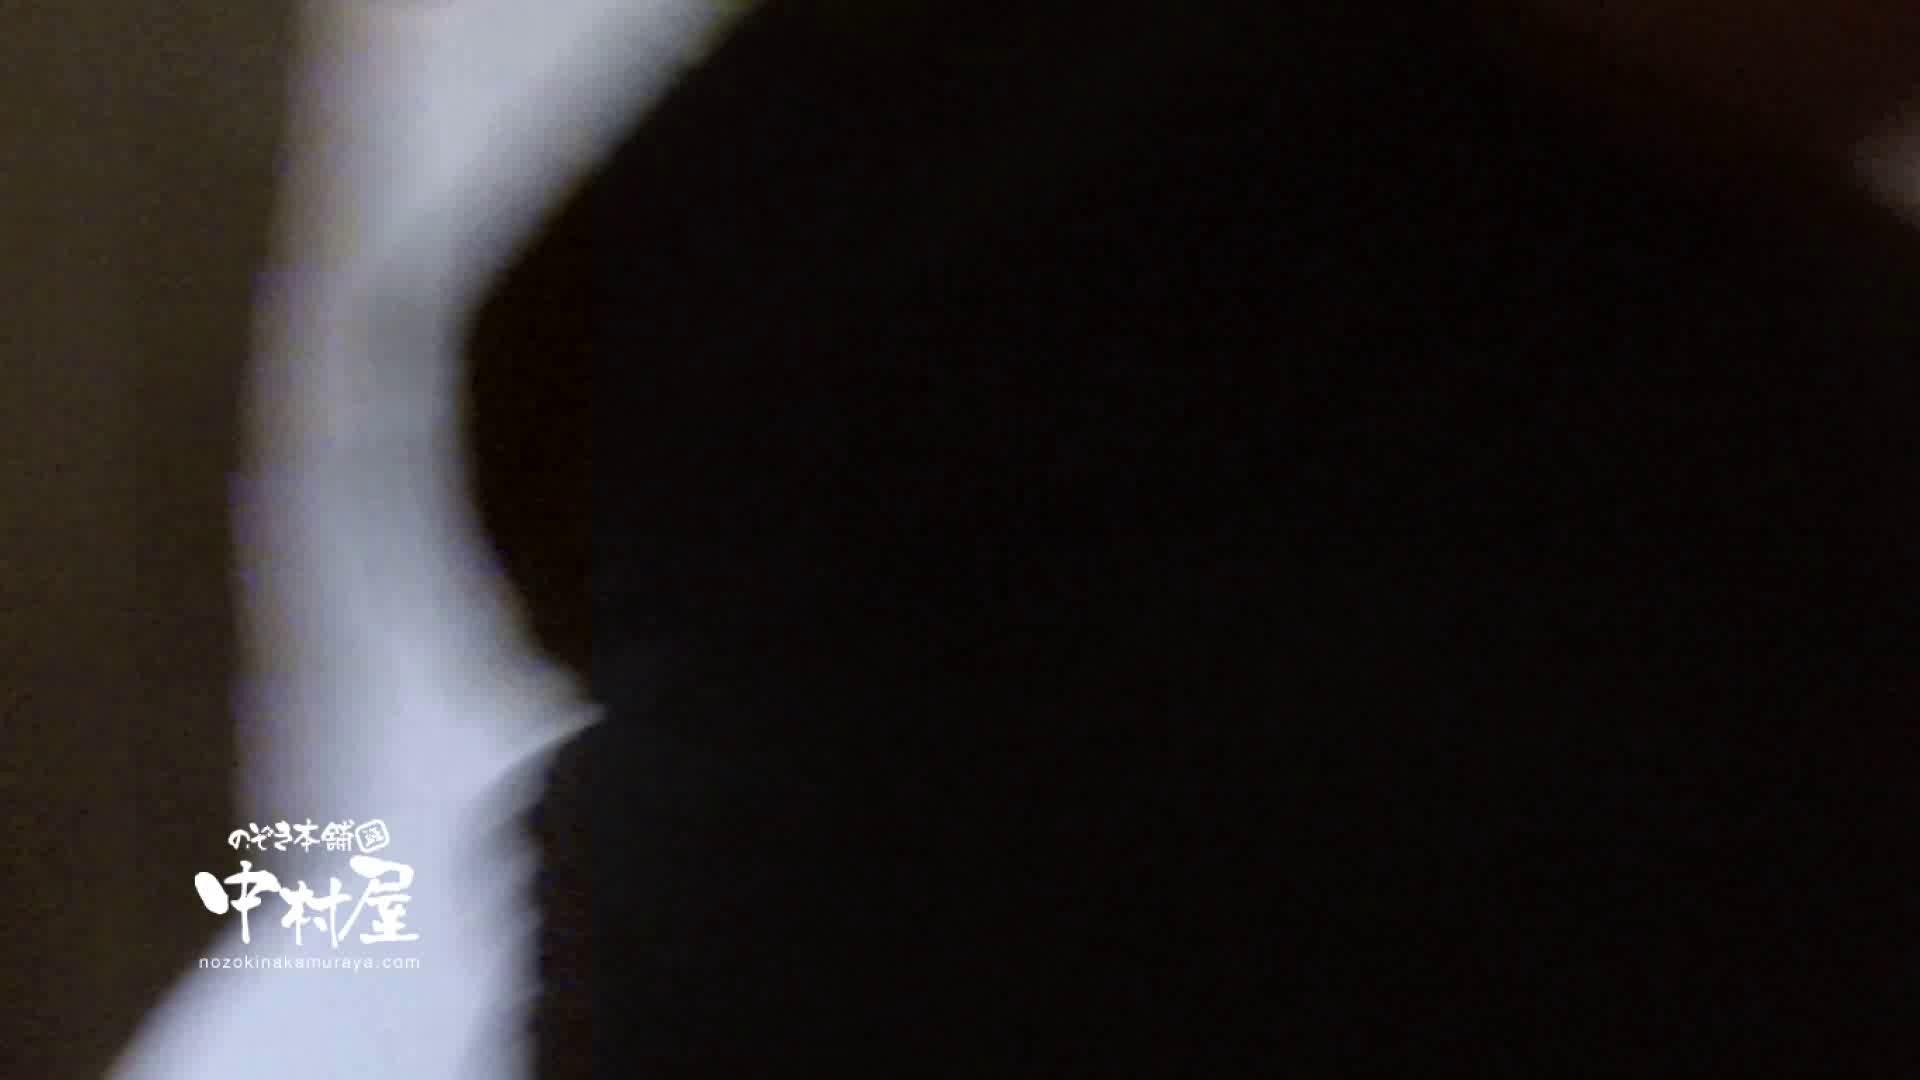 鬼畜 vol.06 中出し処刑! 前編 鬼畜 | OLエロ画像  109PICs 64